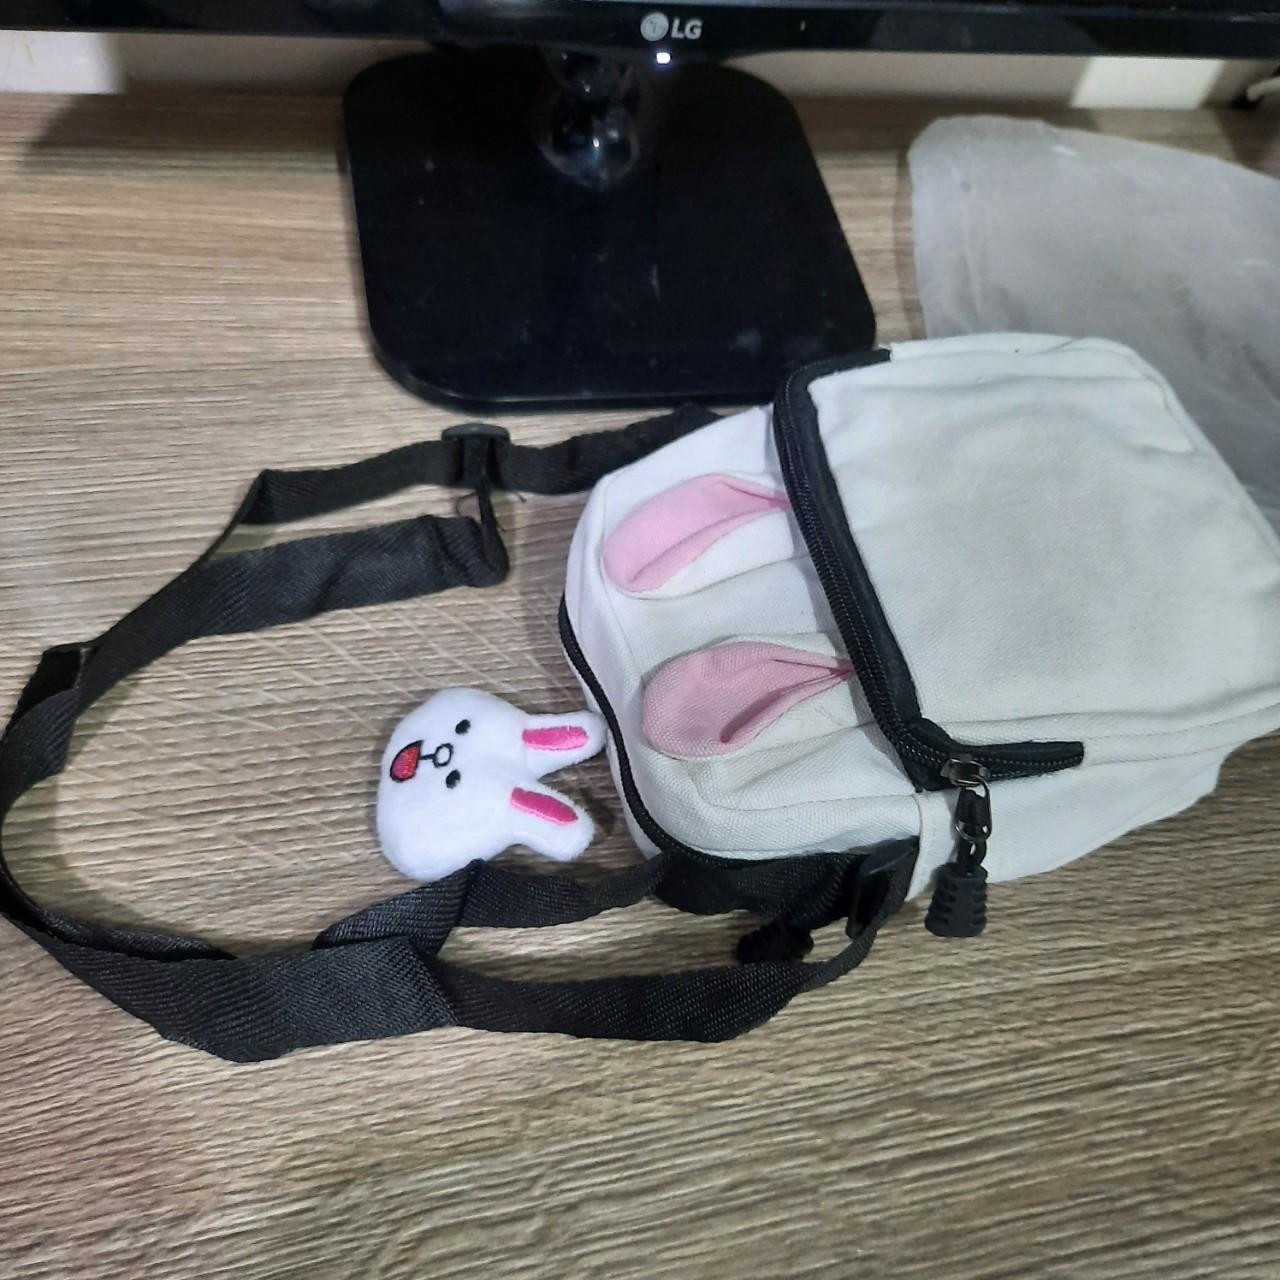 Túi đeo chéo vai cho trẻ em hình thỏ gấu thời trang KS2 Shalla (túi đeo chéo cho trẻ em chuyển sỉ)